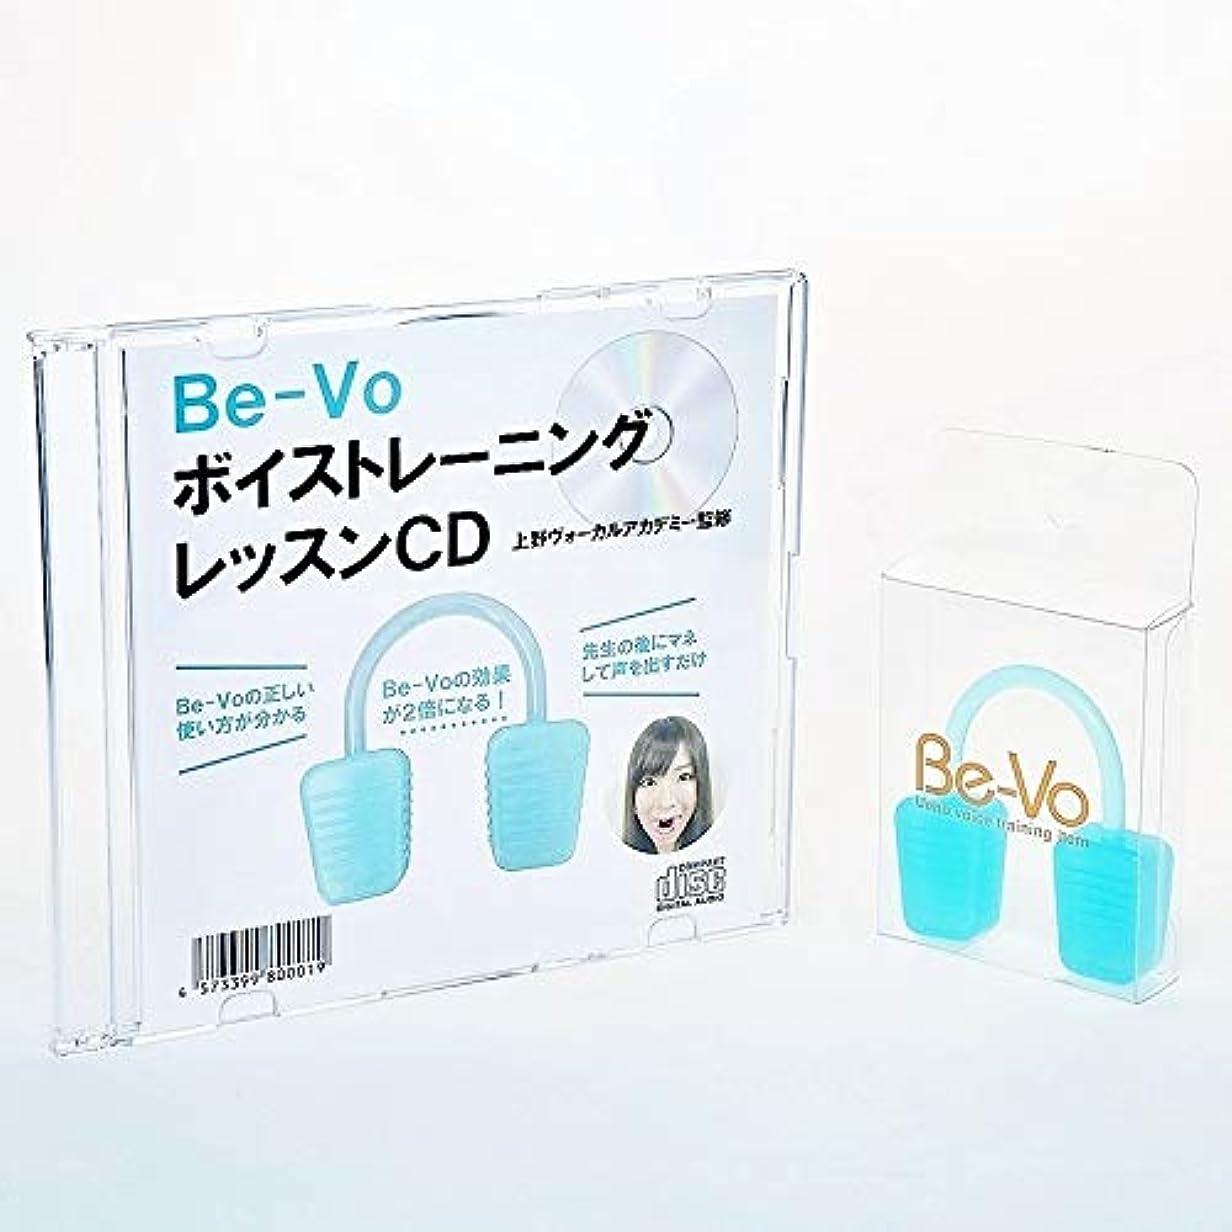 見つけるサミュエル溶融Be-Vo CD セット ブルー|ボイストレーニング器具Be-Vo(ビーボ)+Be-VoボイストレーニングレッスンCD2点セット